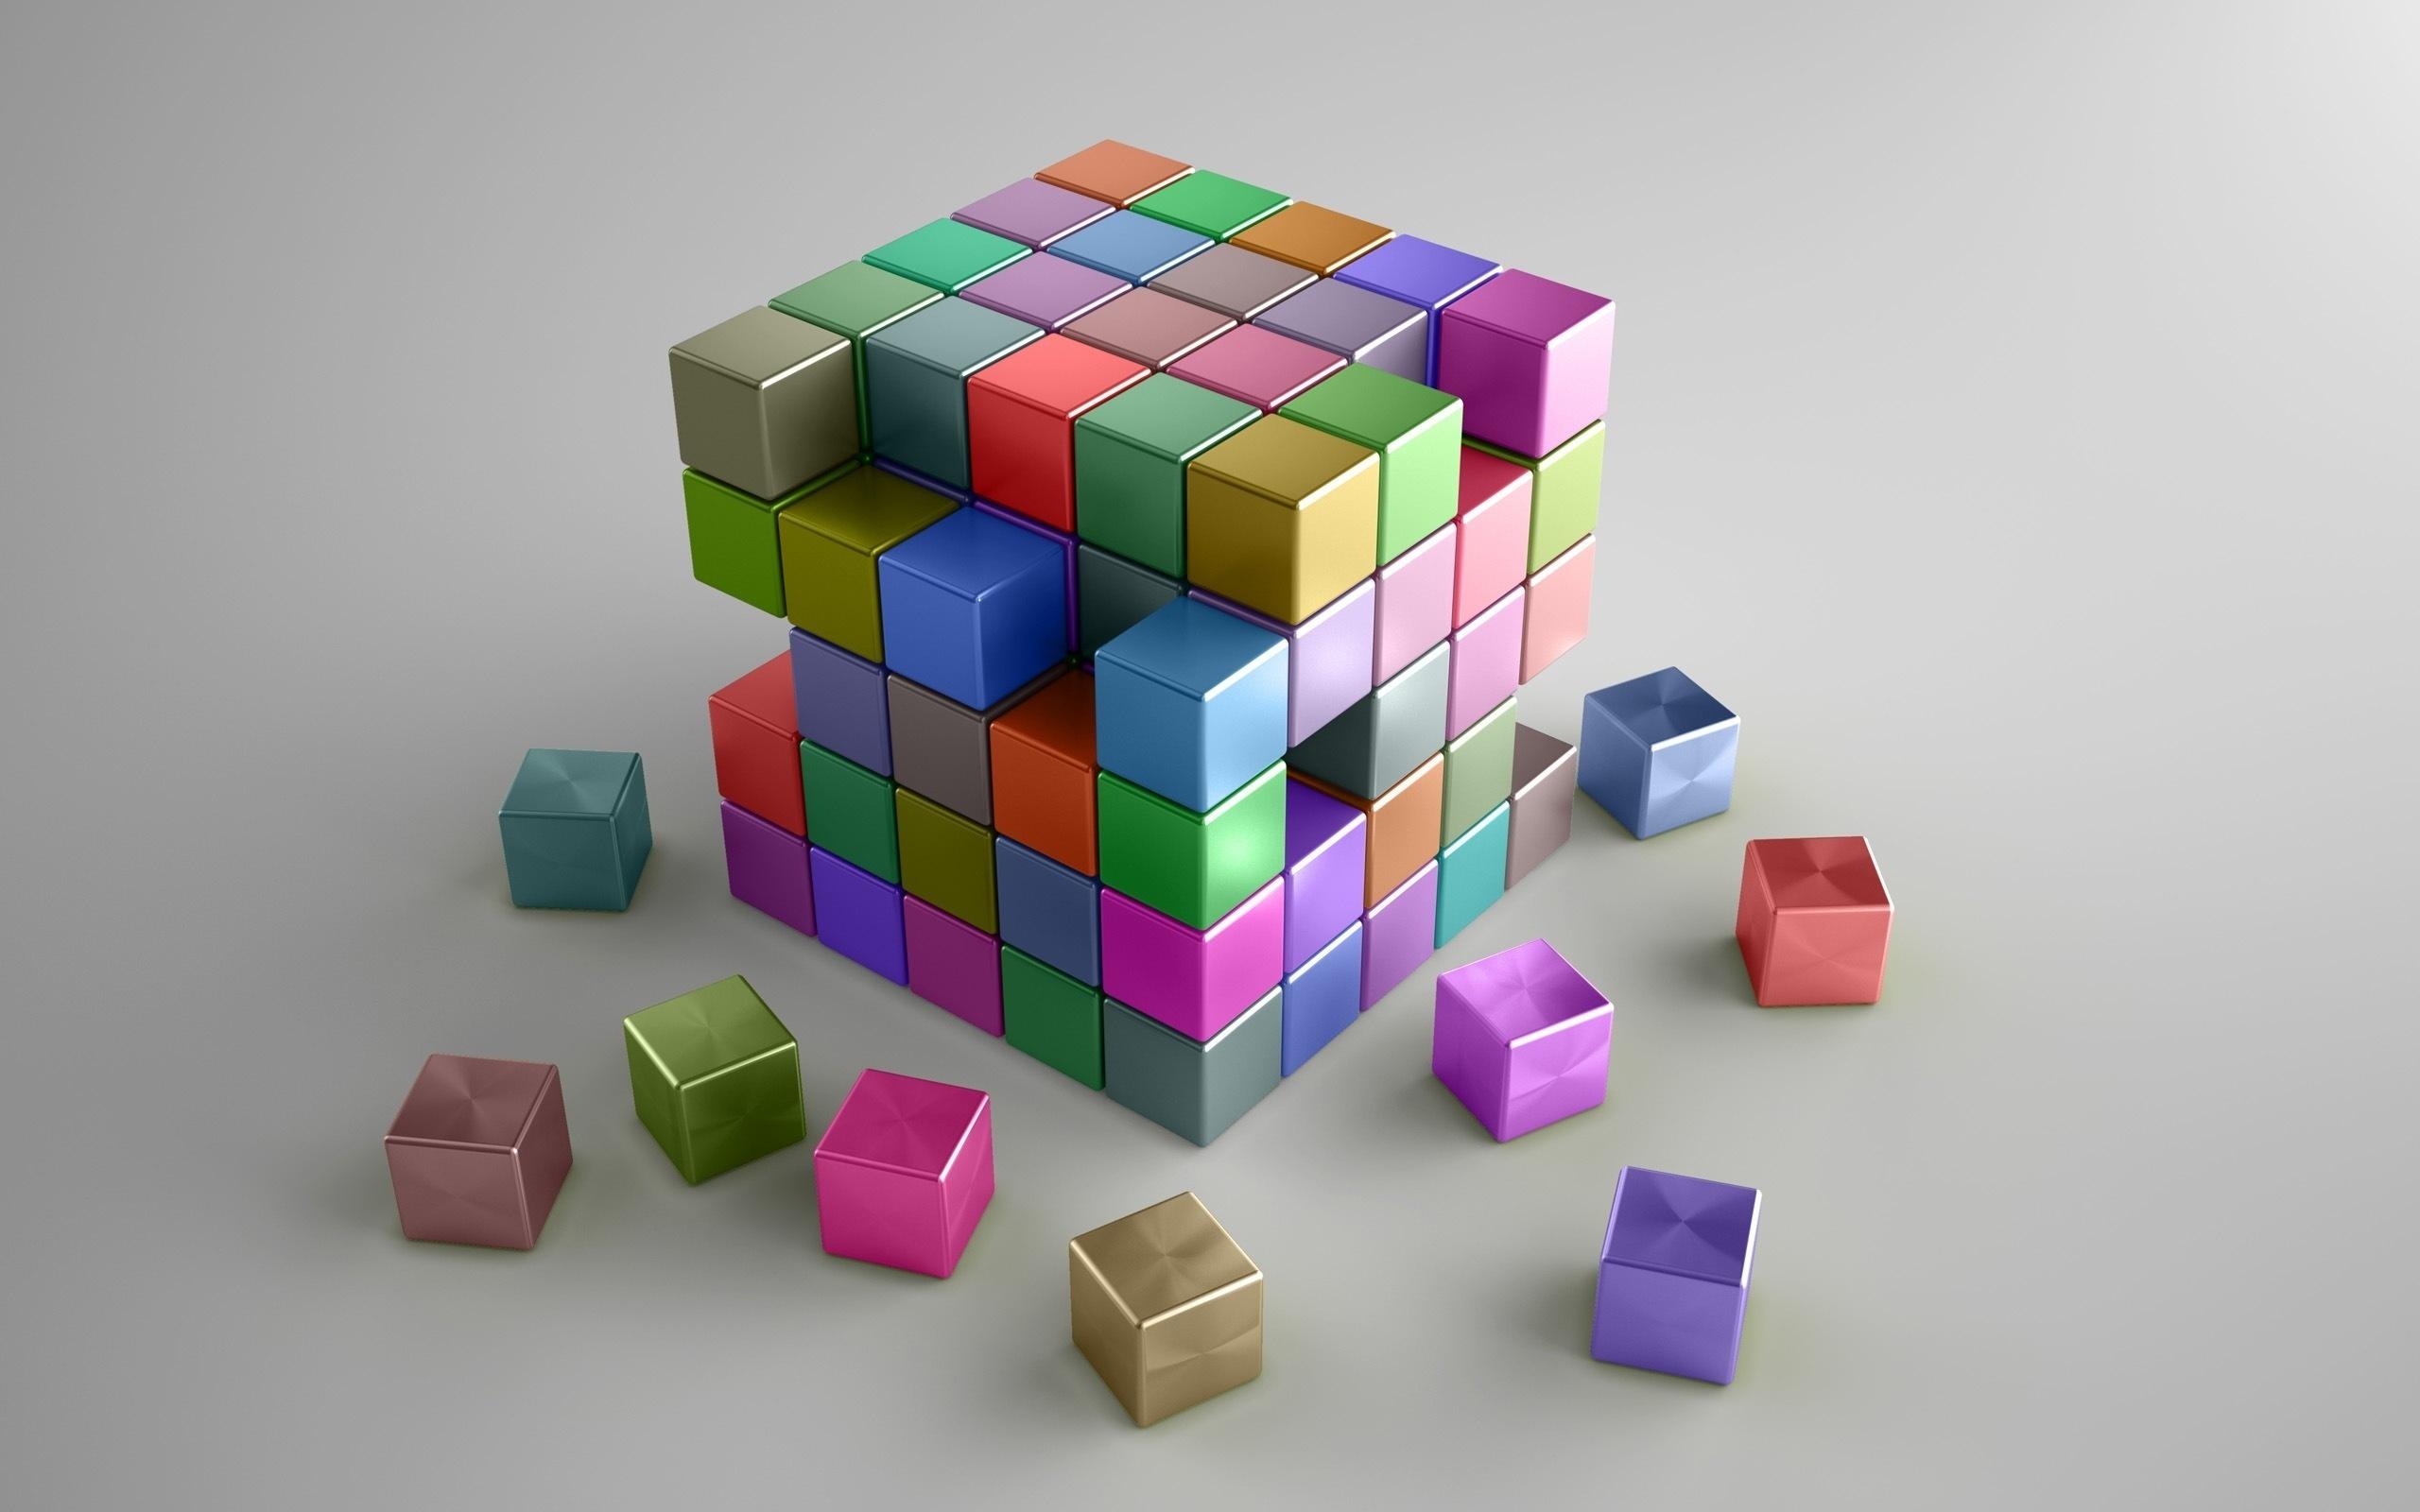 графика 3D кубы цветы graphics Cuba flowers  № 3739393 бесплатно